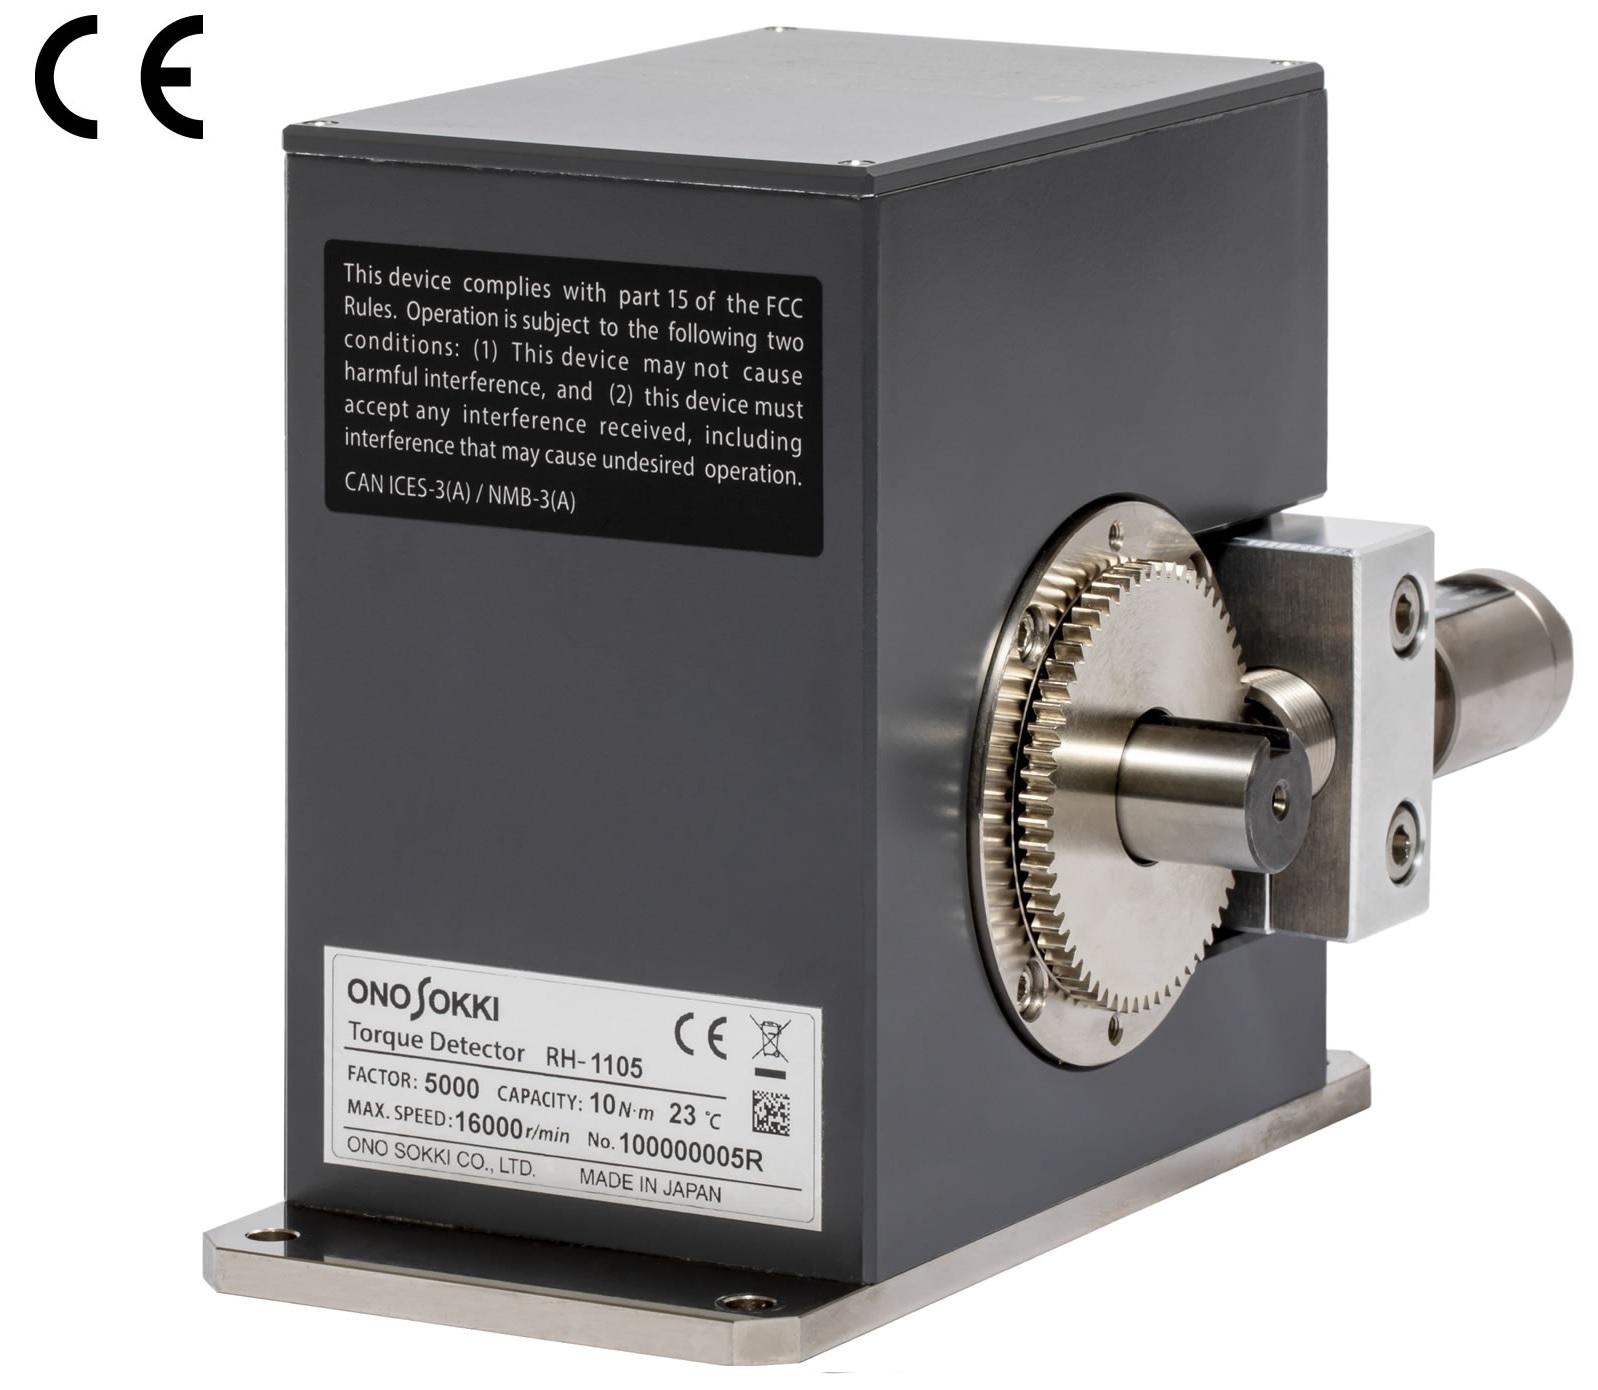 株式会社 小野測器 小型高剛性トルク計 RH-1105 / RH-1205画像